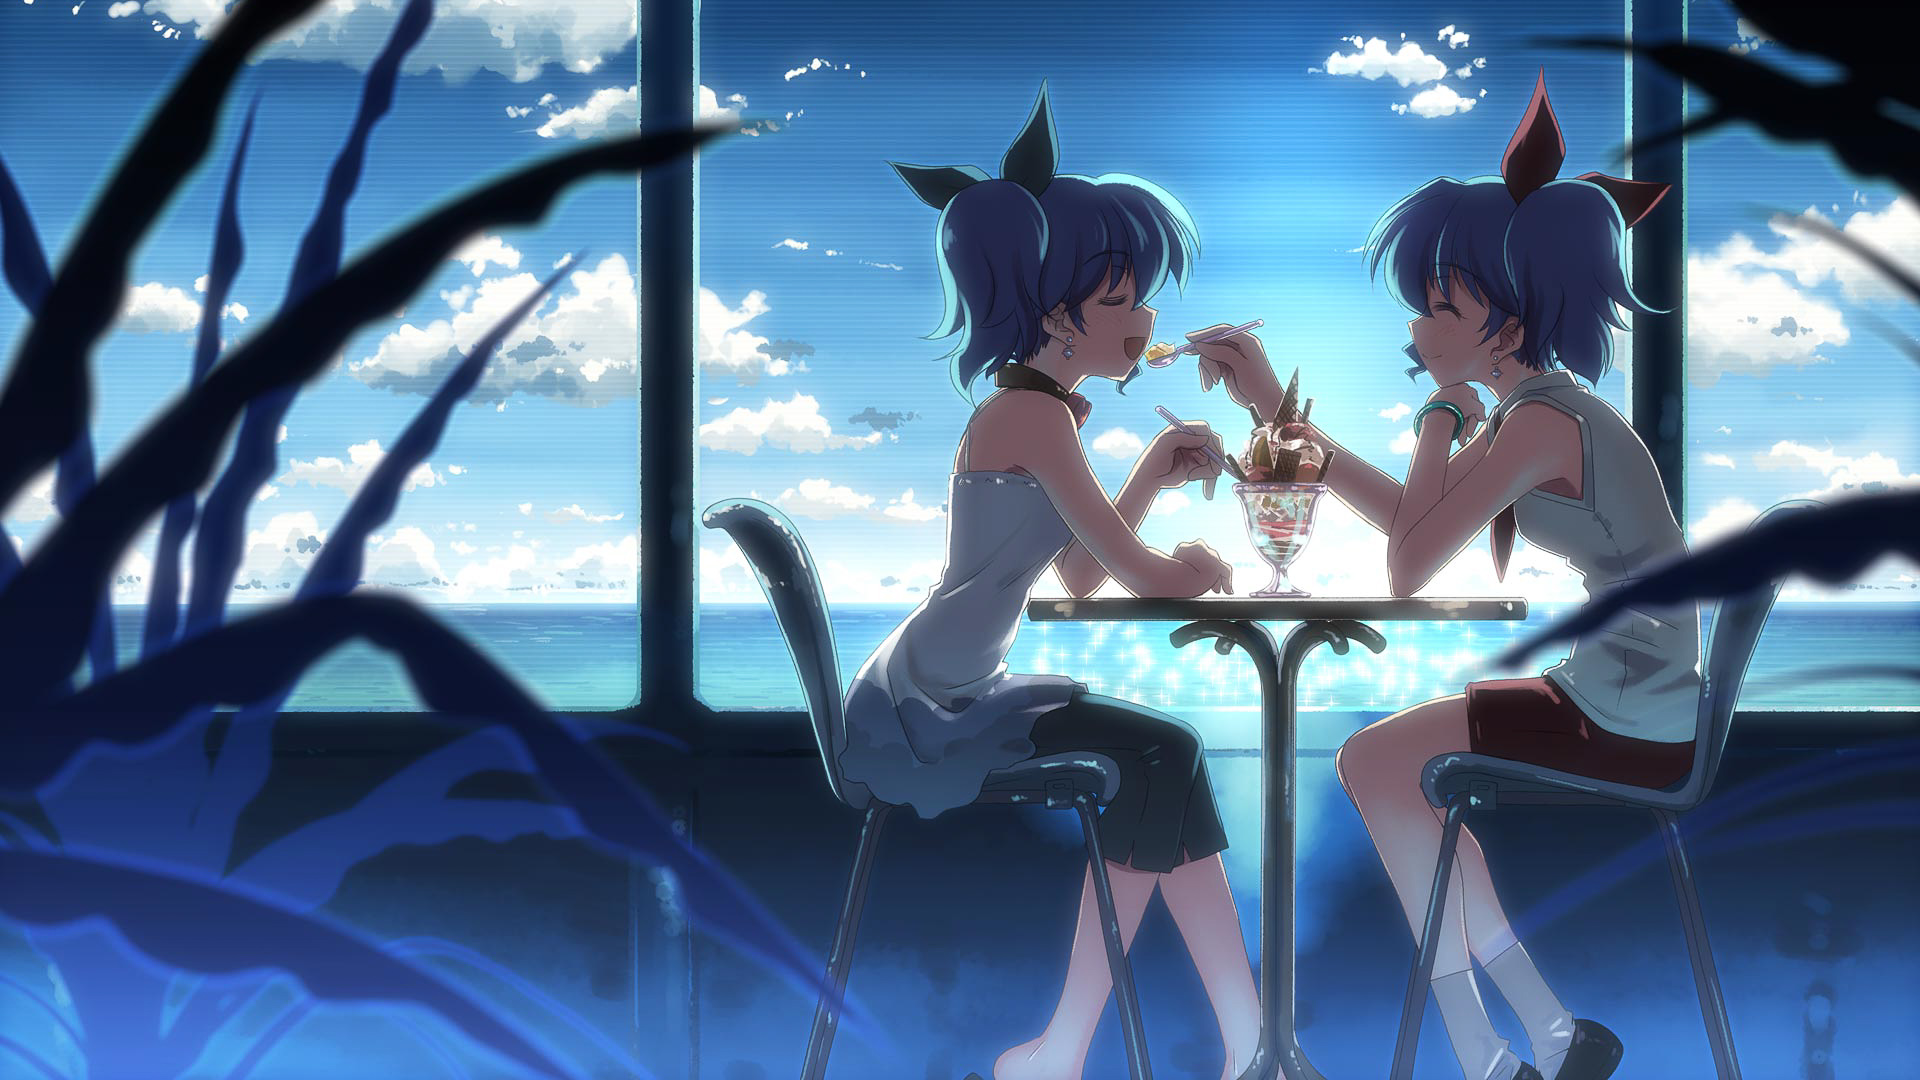 Anime Girl Walking On Moon Wallpaper Old Anime Wallpaper S Full Hd 09 01 13 File Mod Db